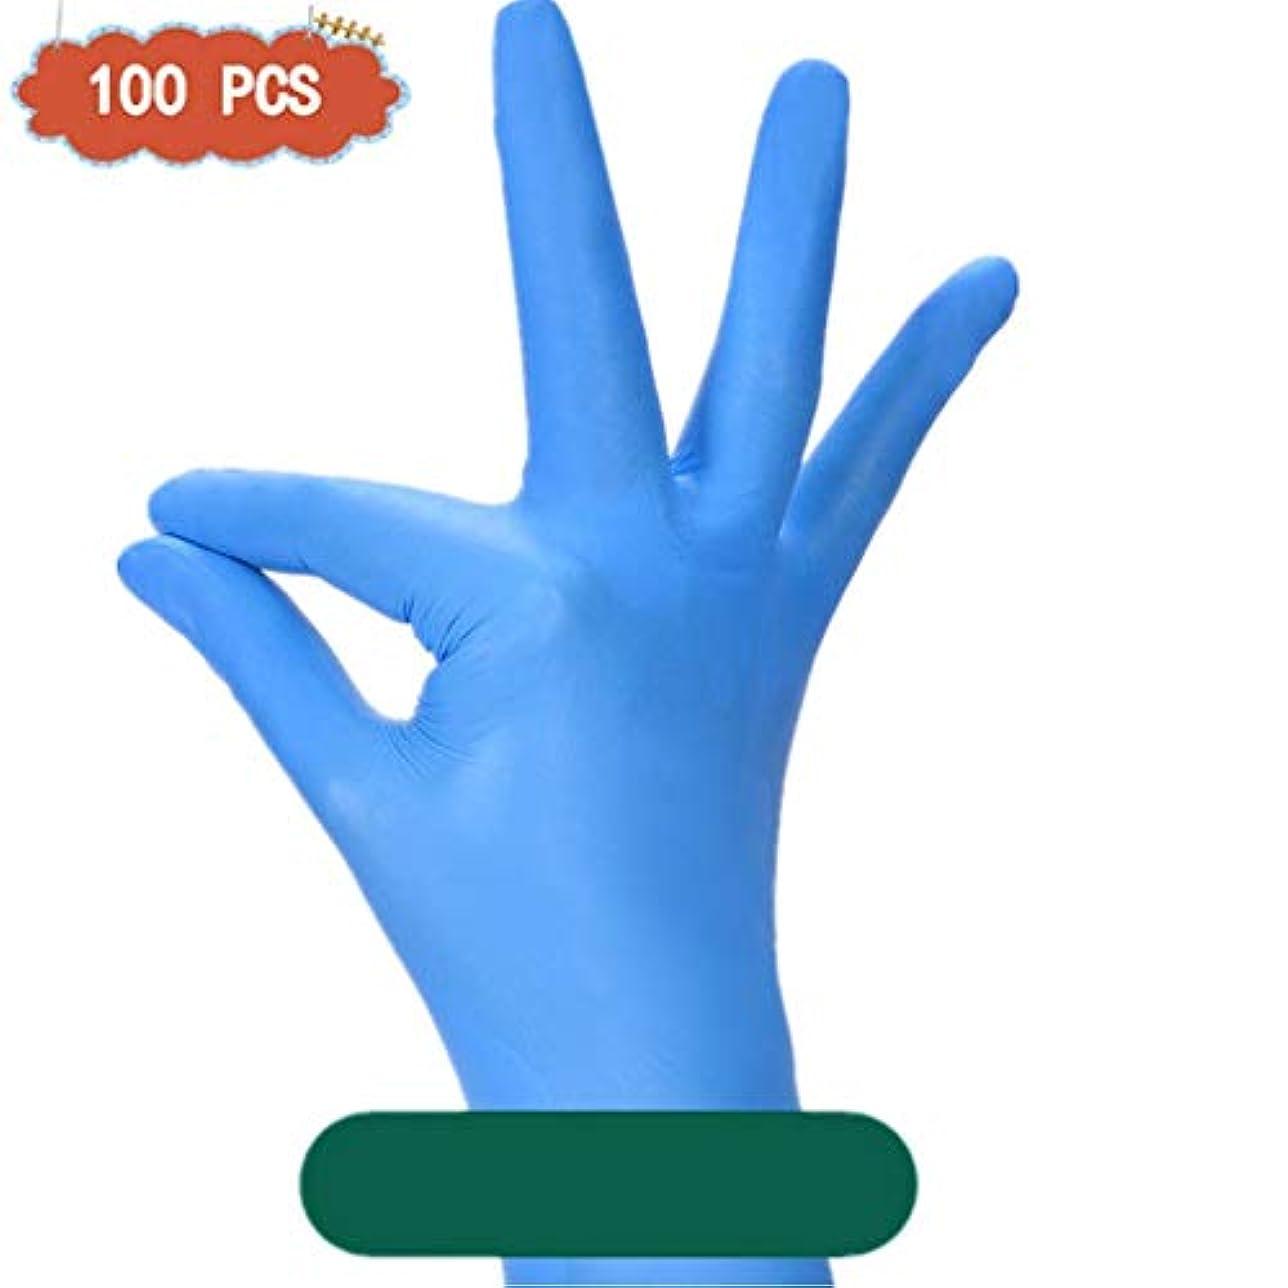 ニトリル手袋、12インチの食器洗い用滑り止め防水ゴムと長い厚い使い捨て手袋ペットケアネイルアート検査保護実験、美容院ラテックスフリー、100個 (Size : L)